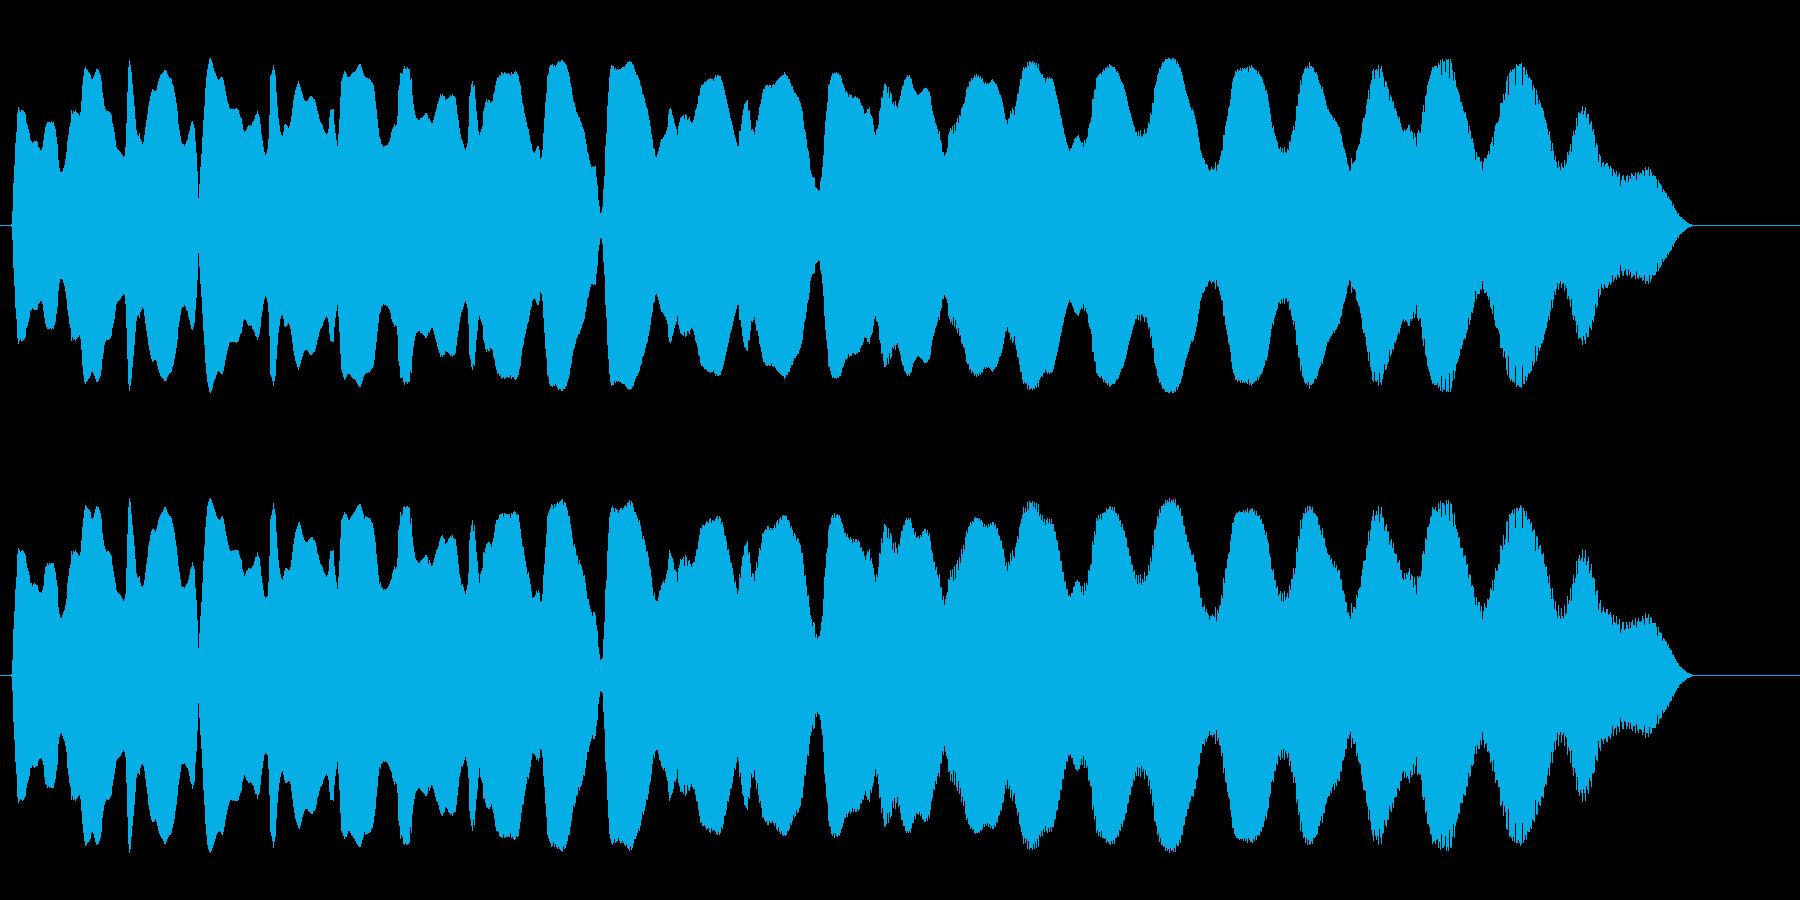 かすれたような余韻の落下音の再生済みの波形